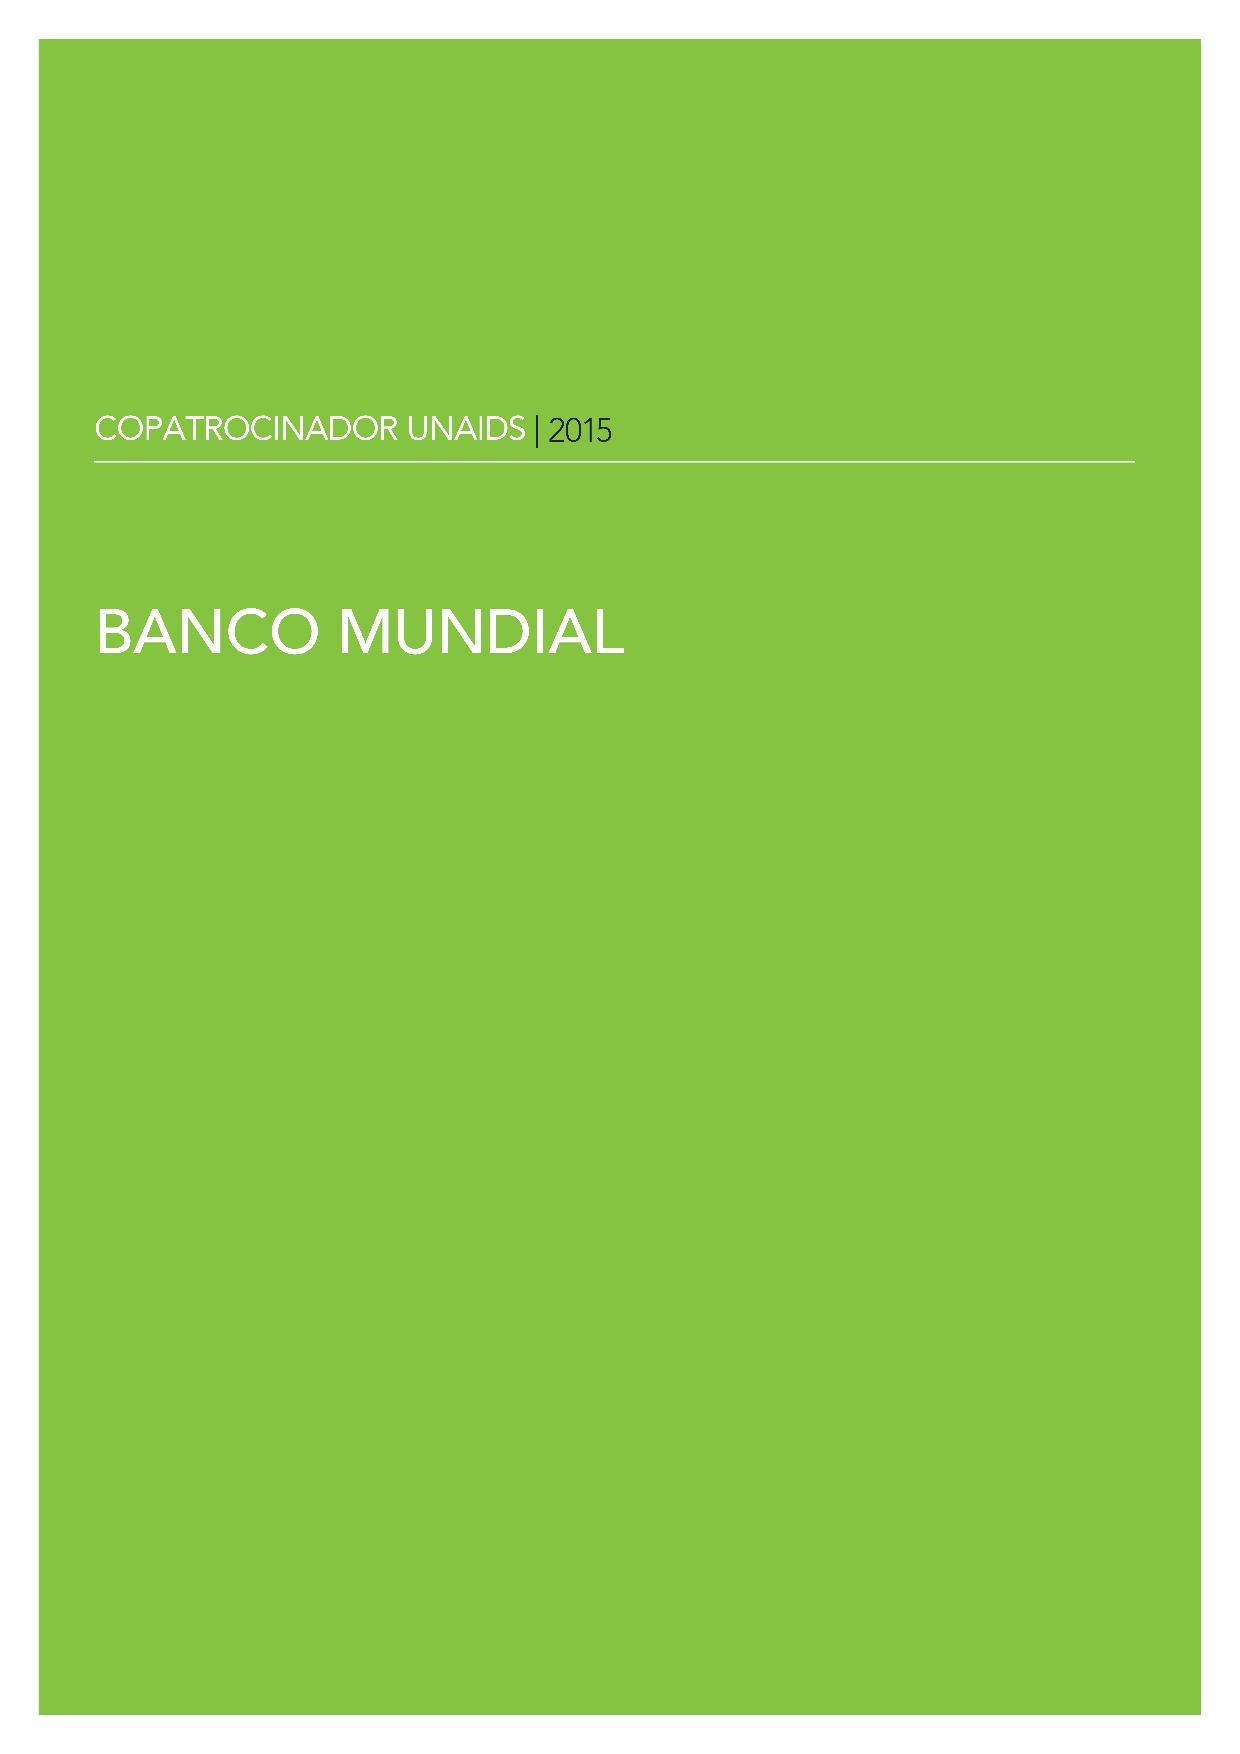 2015 UNAIDS COPATROCINADOR BANCO MUNDIAL